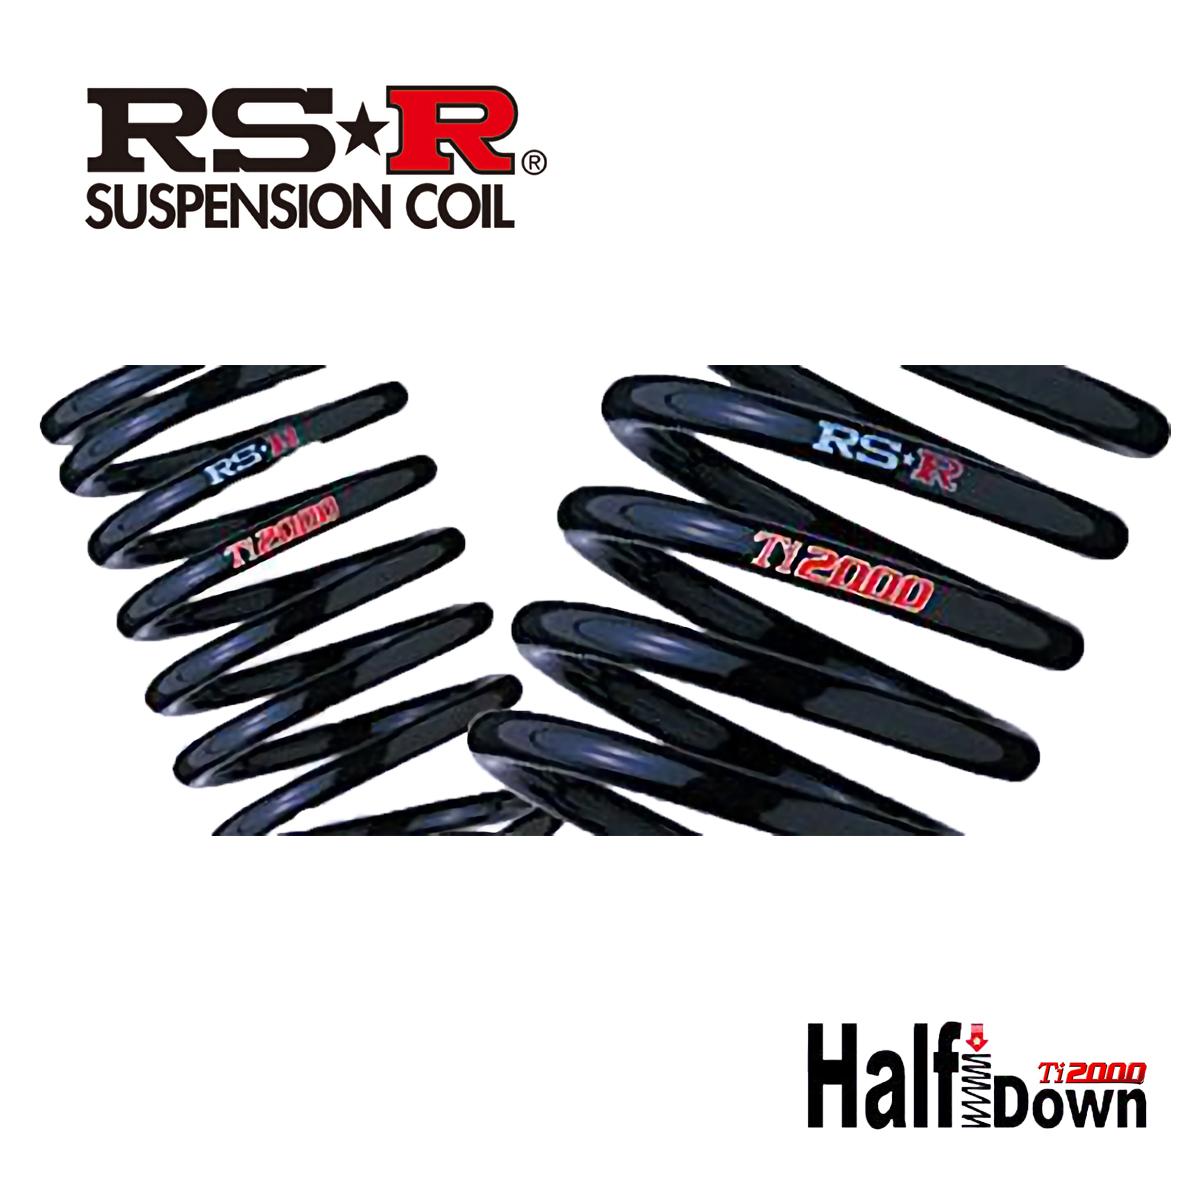 RS-R デイズ B45W ハイウェイスターGターボ ダウンサス スプリング フロント N511THDF Ti2000 ハーフダウン RSR 個人宅発送追金有